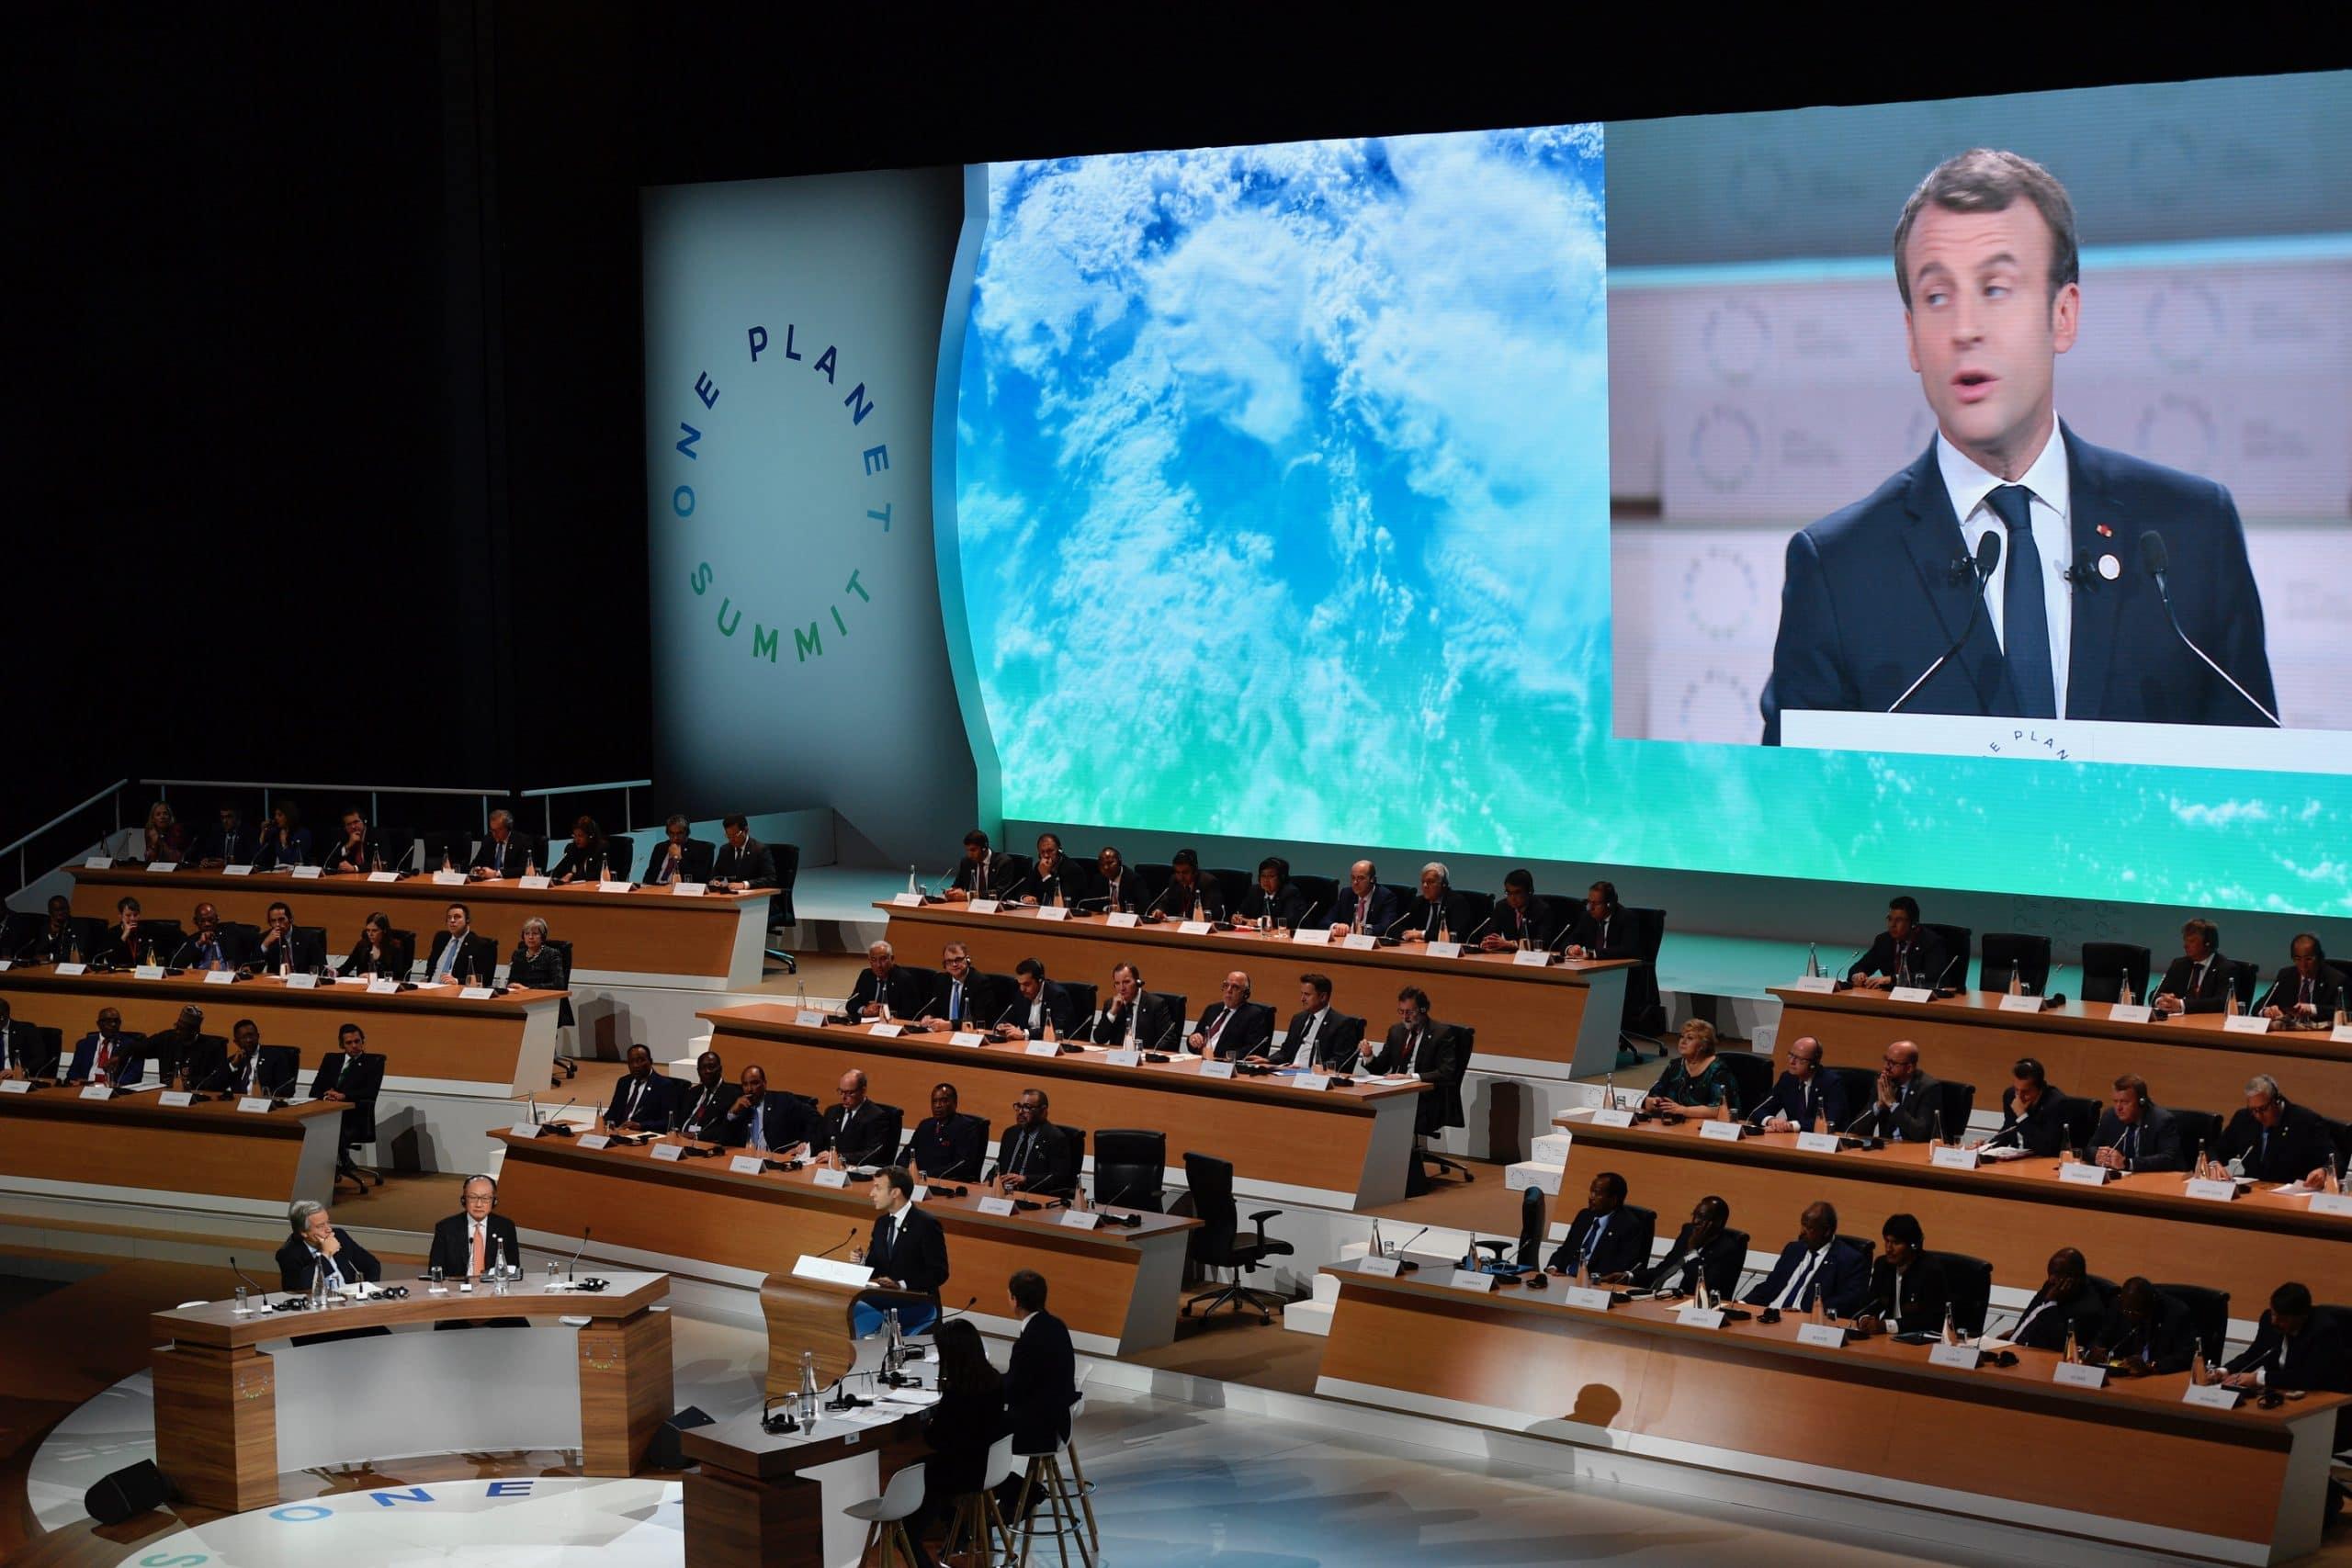 La première édition du One Planet Summit (ci-dessus) s'est tenue à Paris en 2017, à l'initiative d'Emmanuel Macron